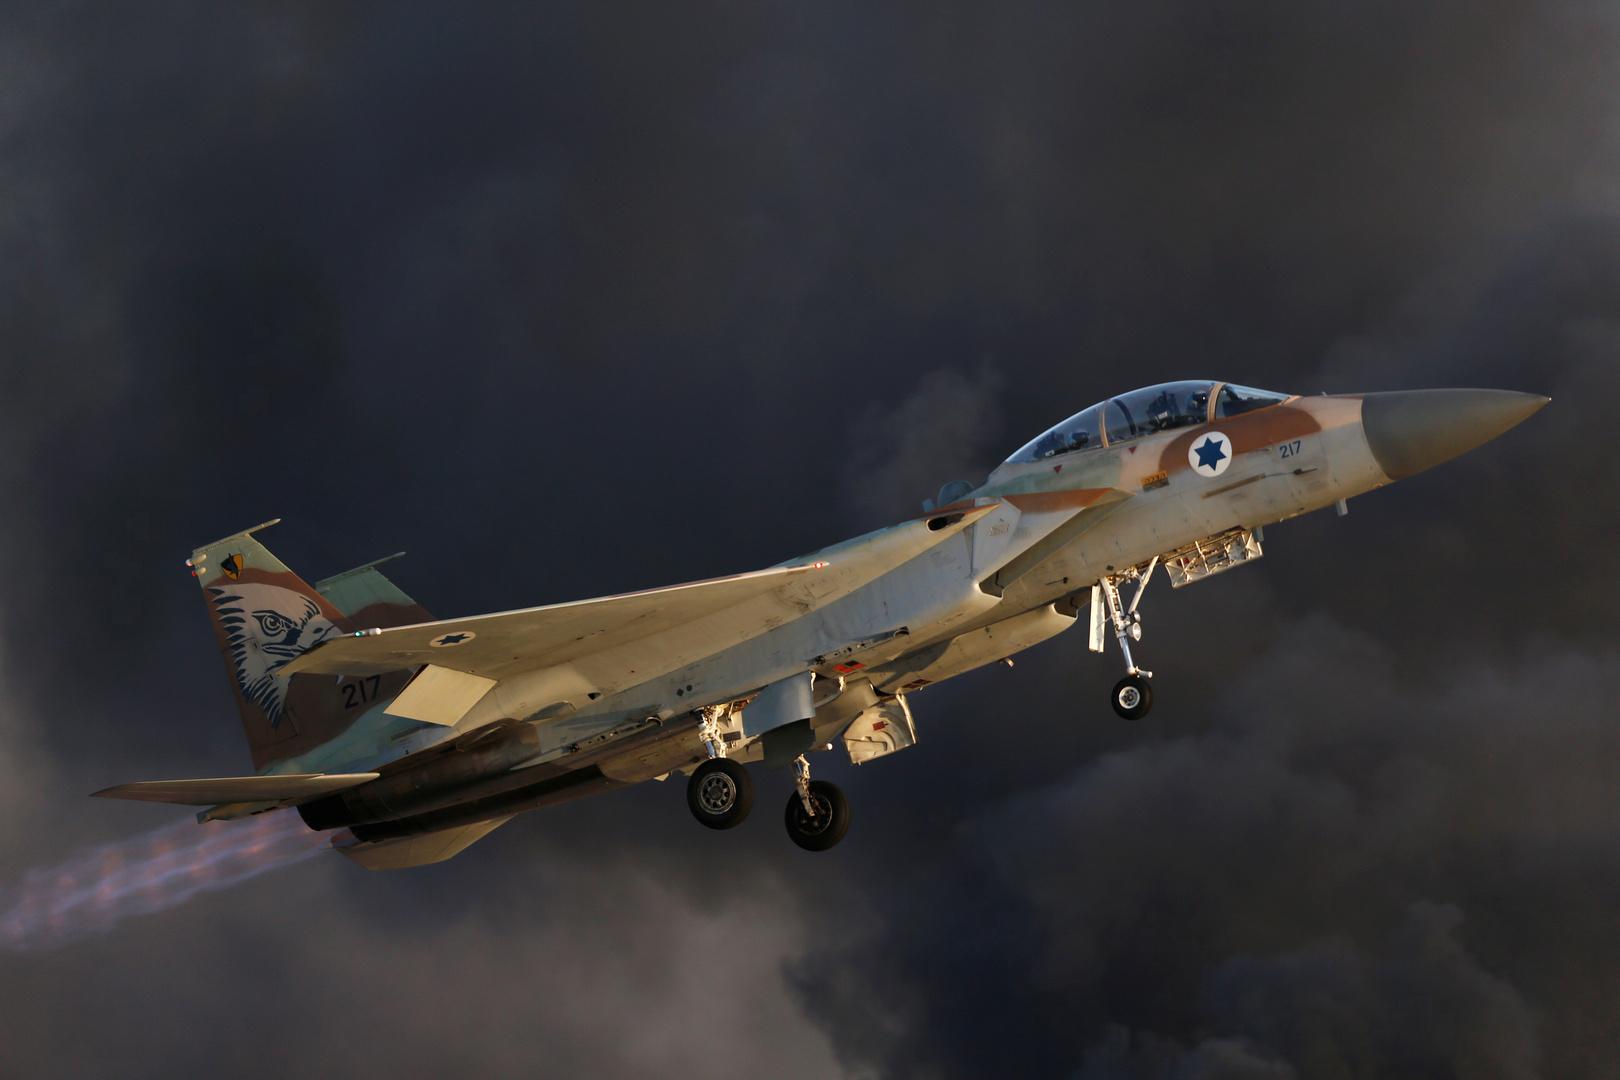 مراسلنا: طائرات حربية إسرائيلية تغير على مواقع في جنوب لبنان